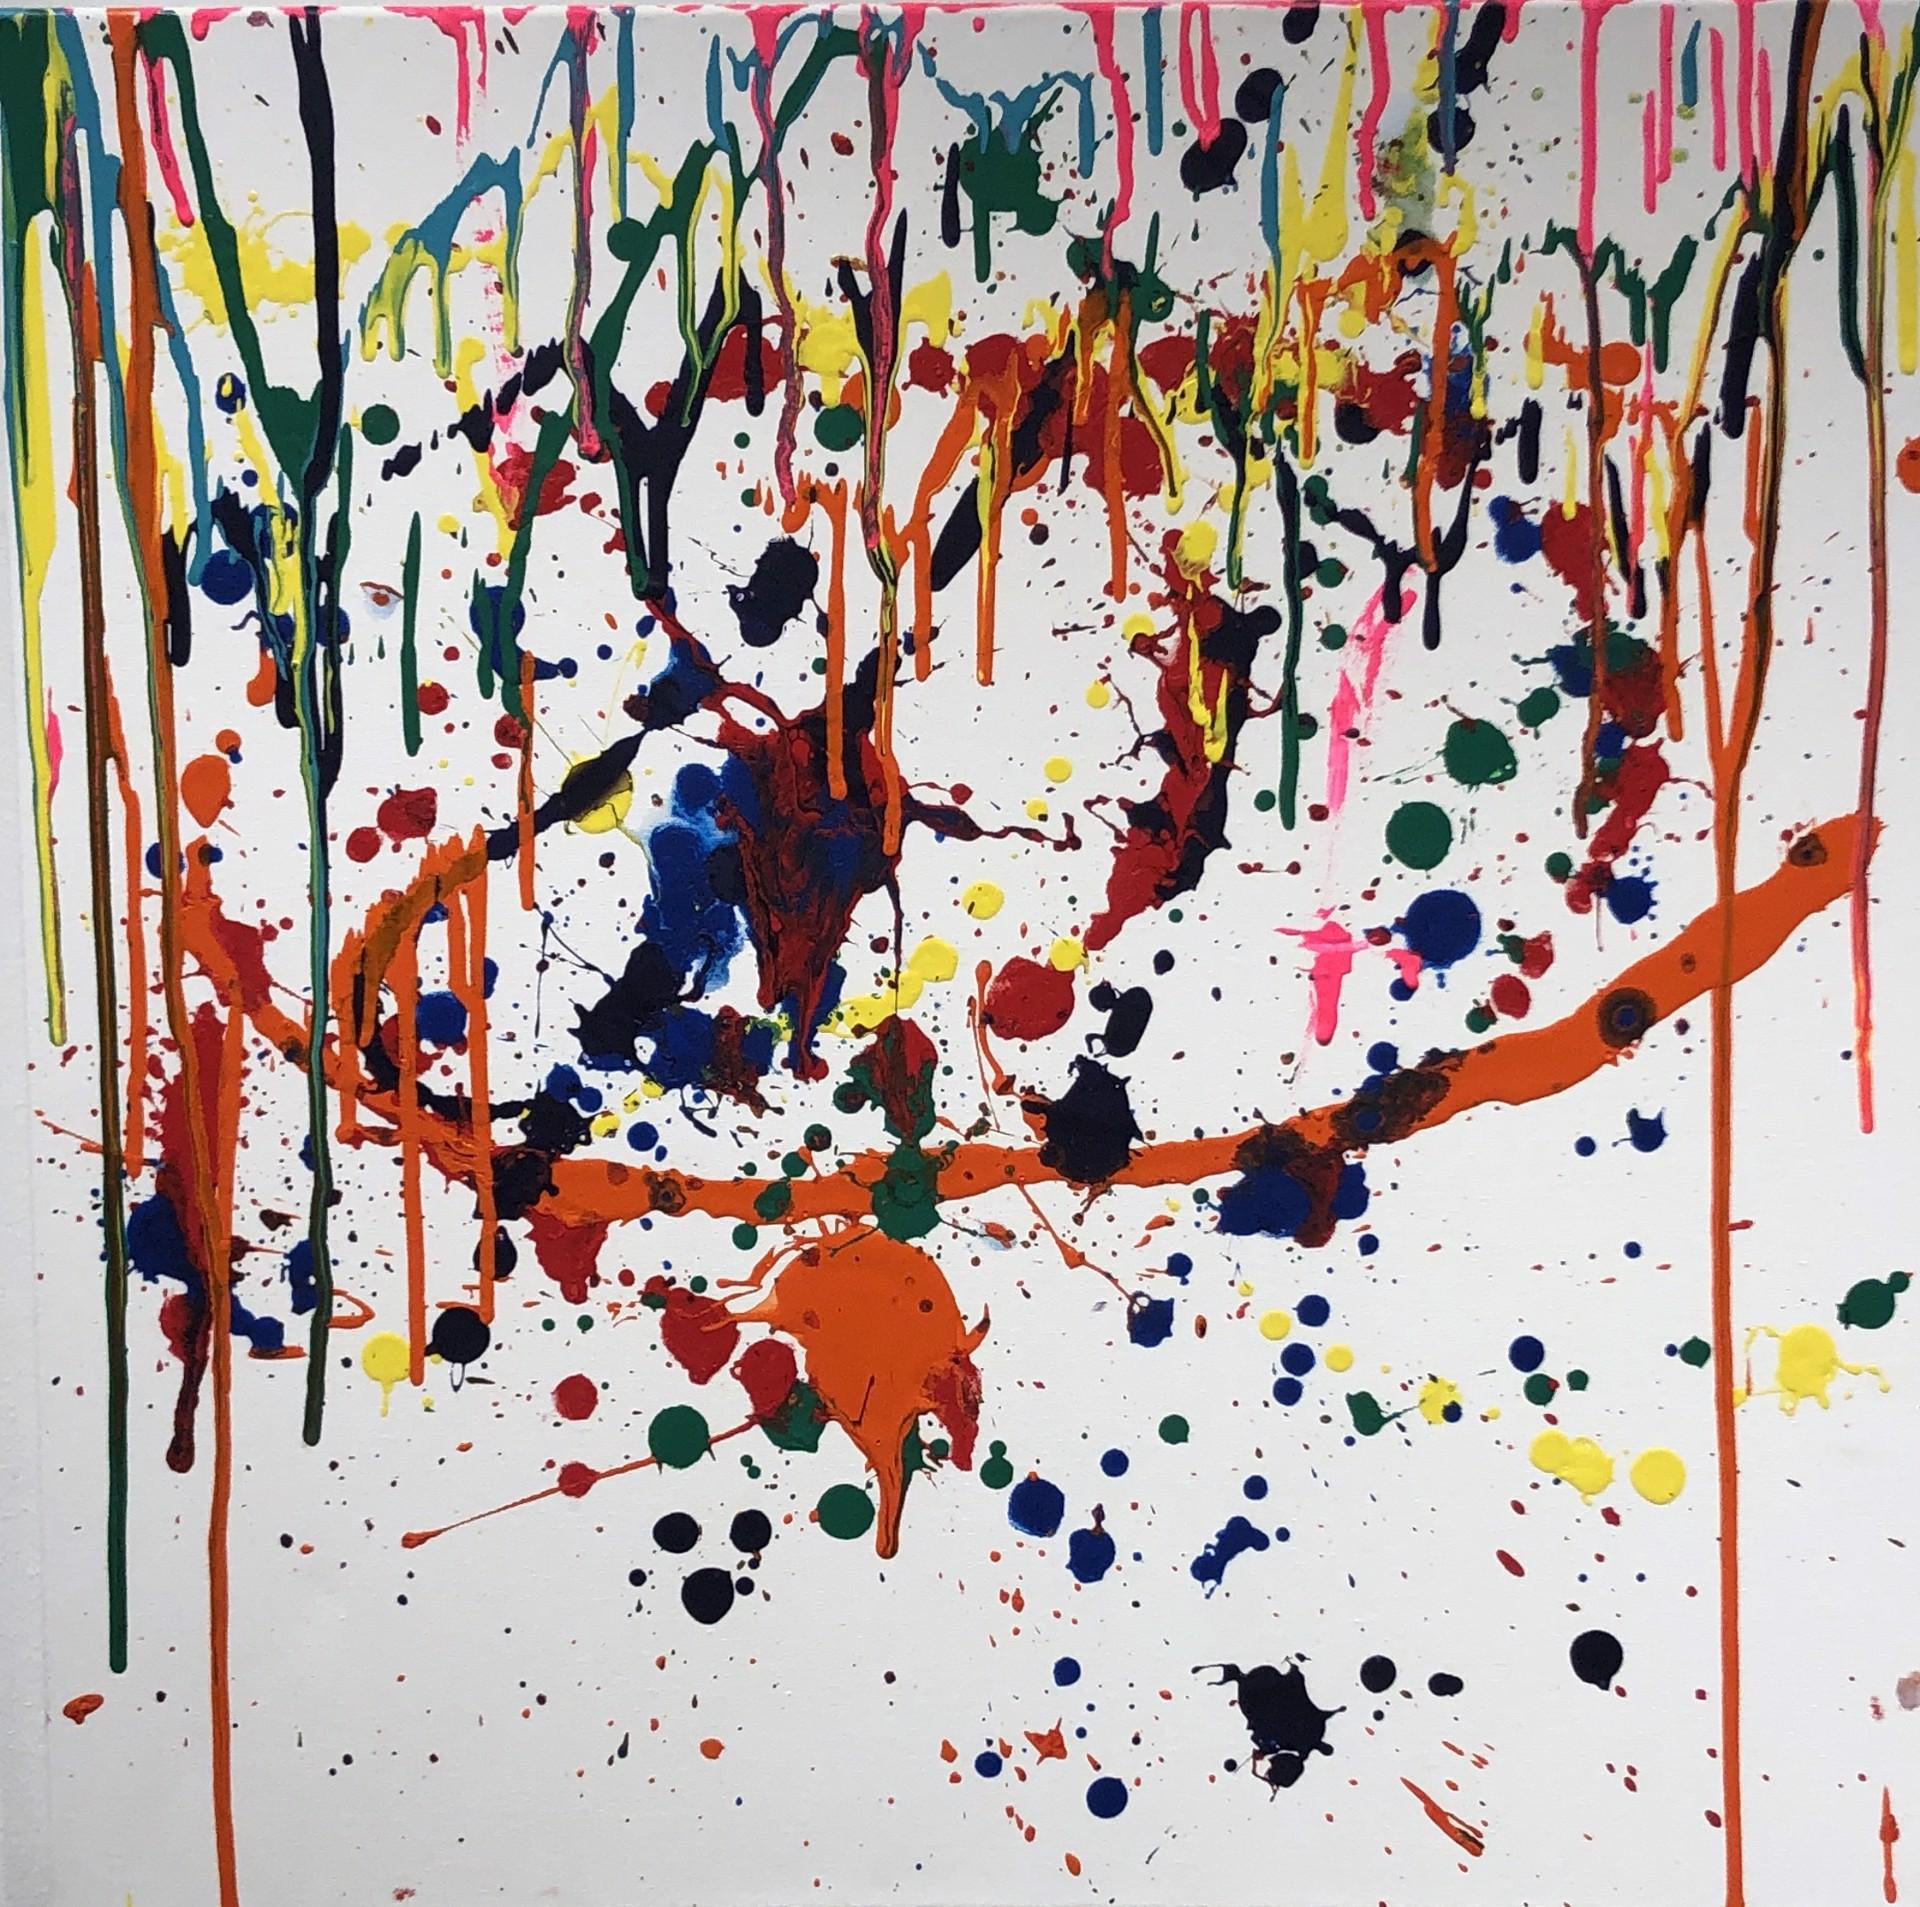 Spladeeter, Splitter, Splatter (sold) by Chloe Lejnieks